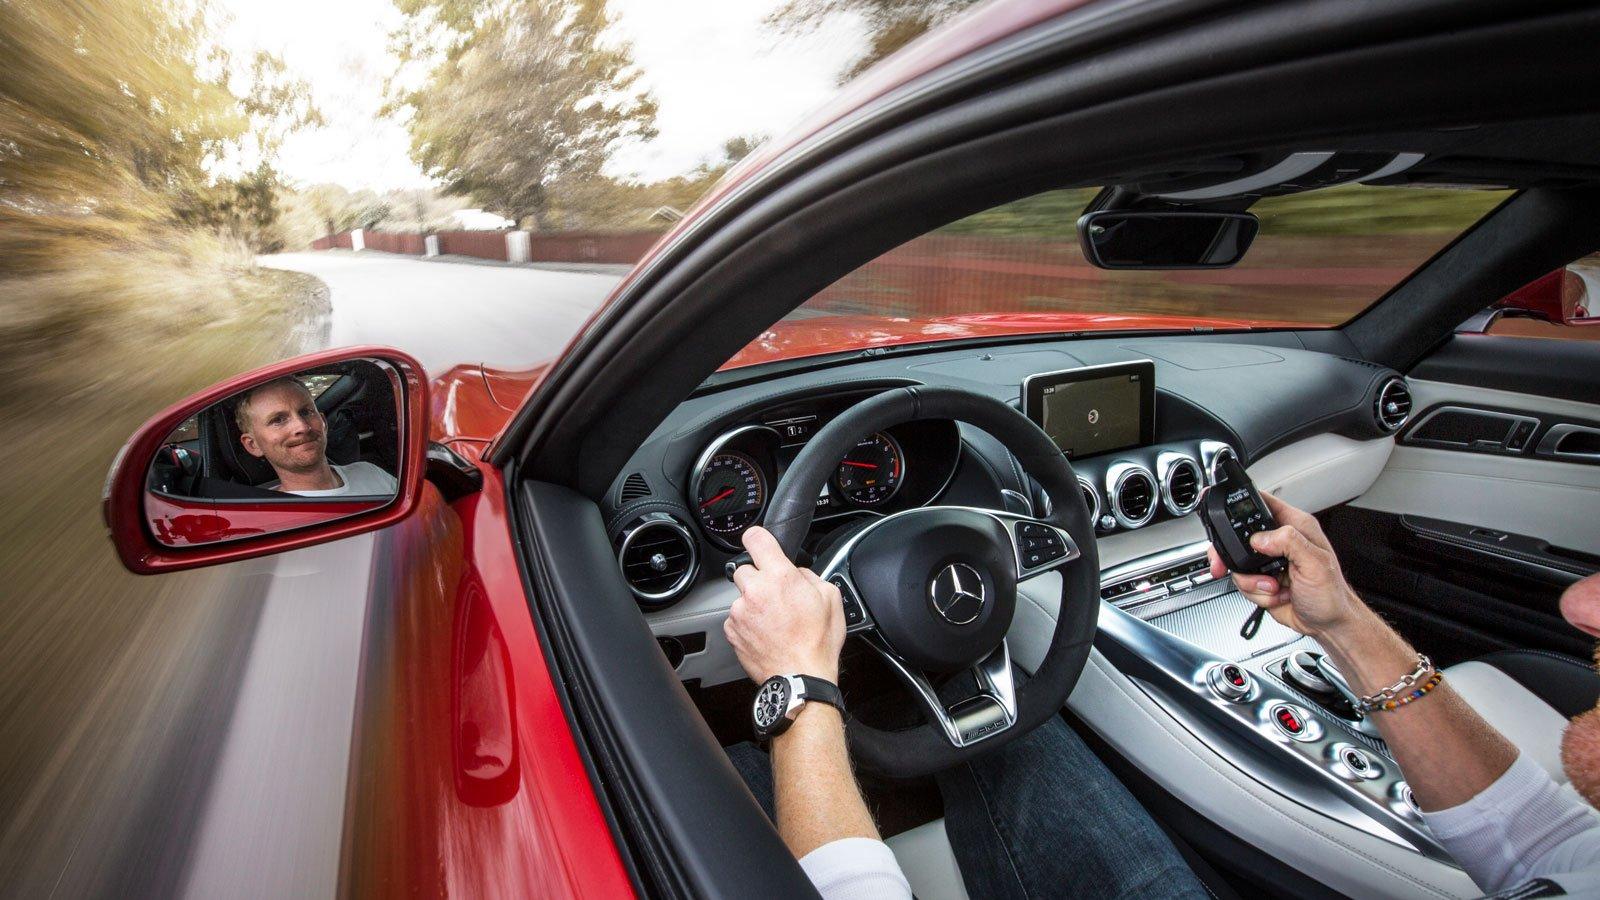 För att ta bild på sig själv bakom ratten är en teknik att fästa en kamera med hjälp av sugporpp påg utsidan av bilen. Sedan utlöser man kameran med hjälp av fjärrutlösare.